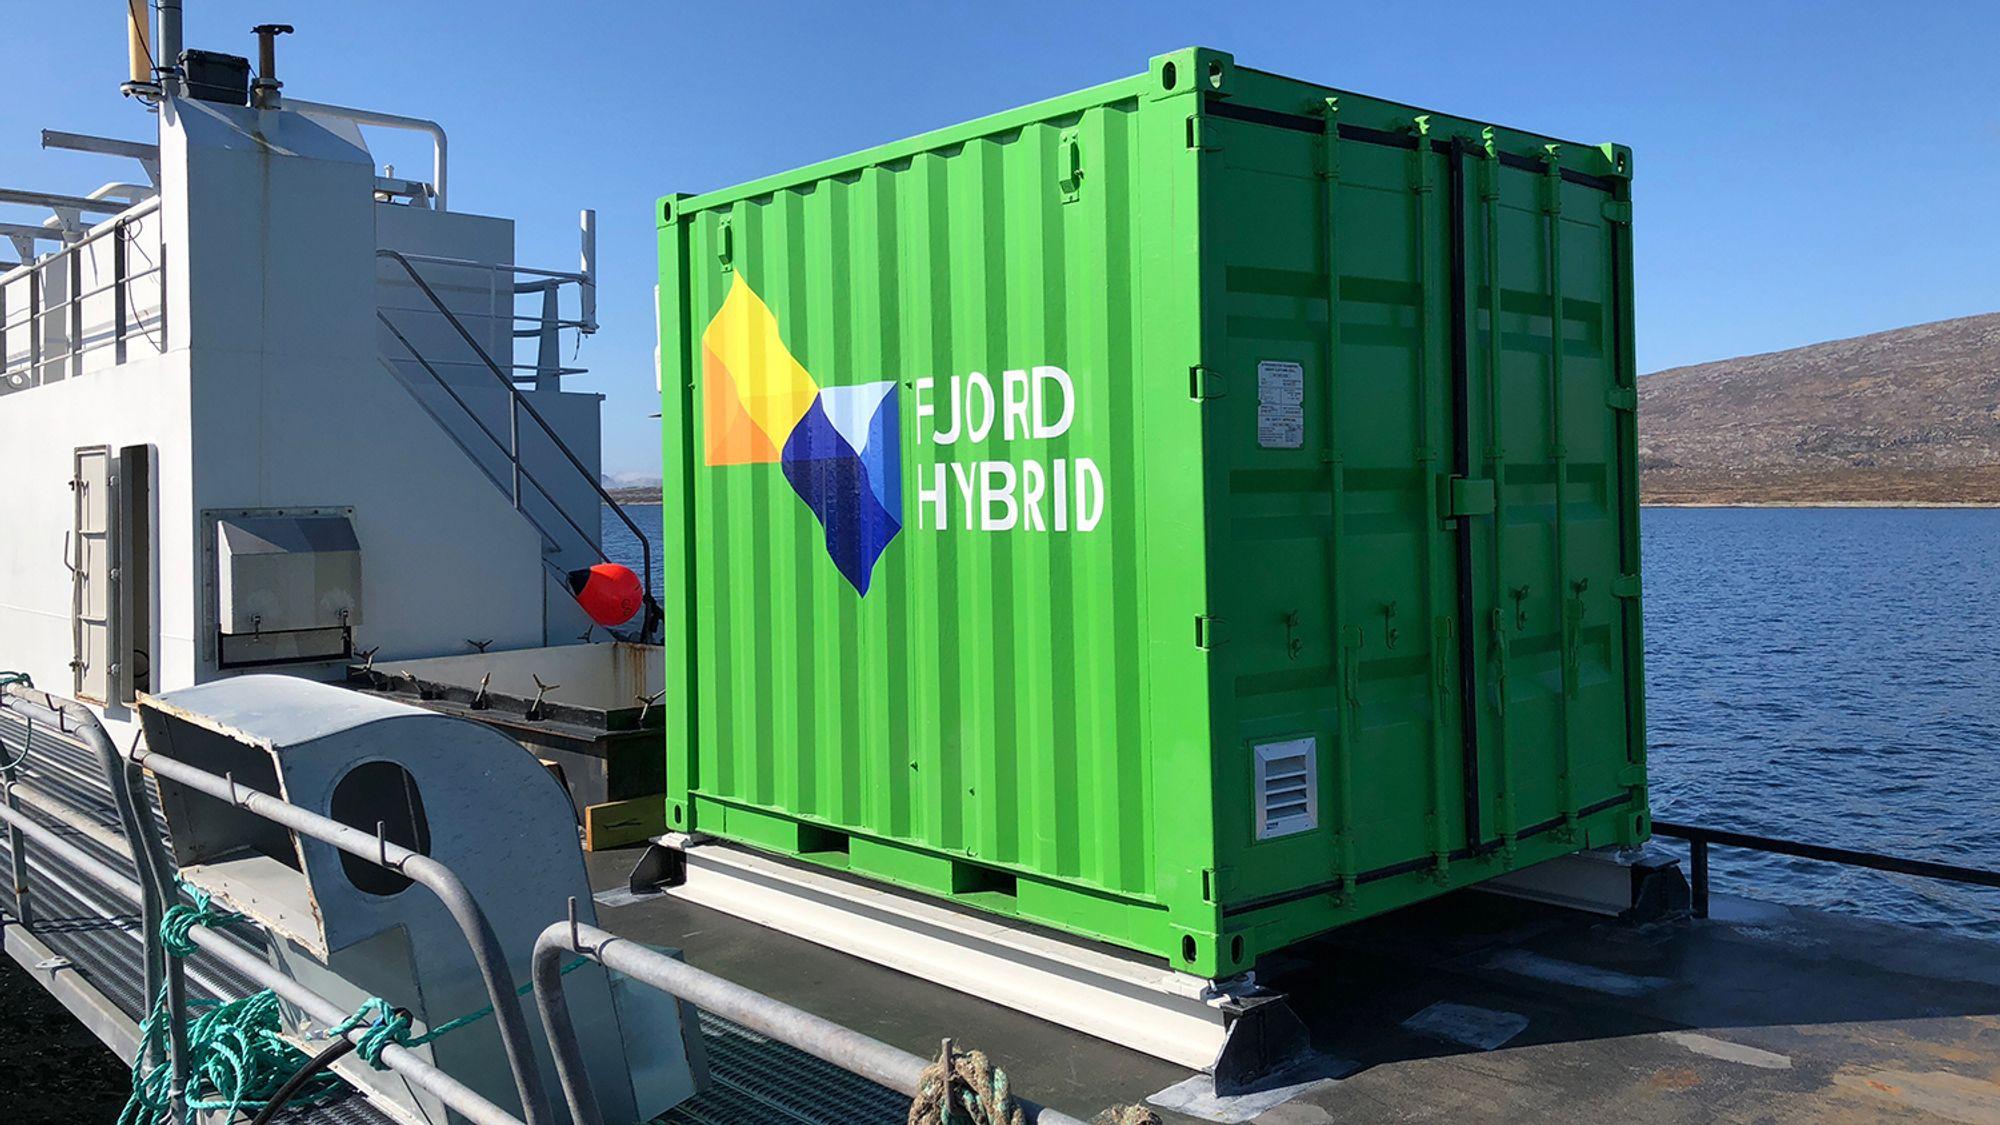 ANNONSE: Dette er løsningen som gir fjordene renere luft og sparer penger i havbruk